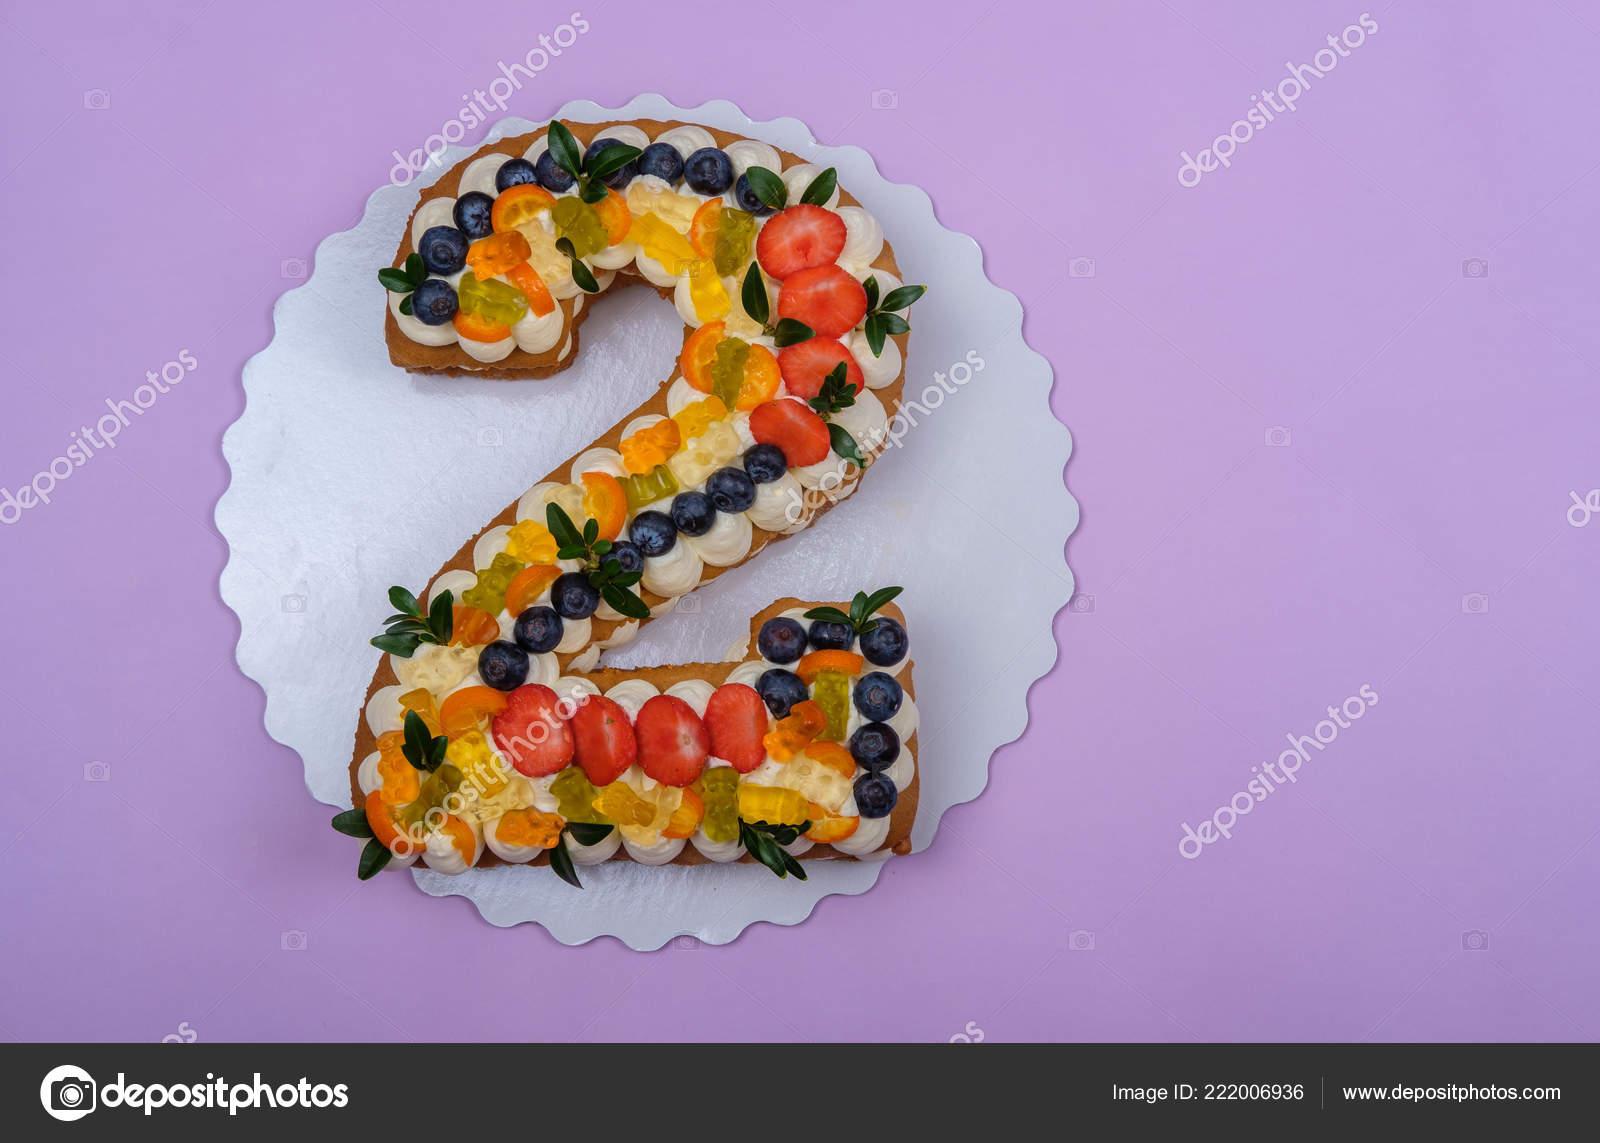 Schone Geburtstagstorte Form Von Zwei Zahlen Auf Lila Hintergrund Stockfoto